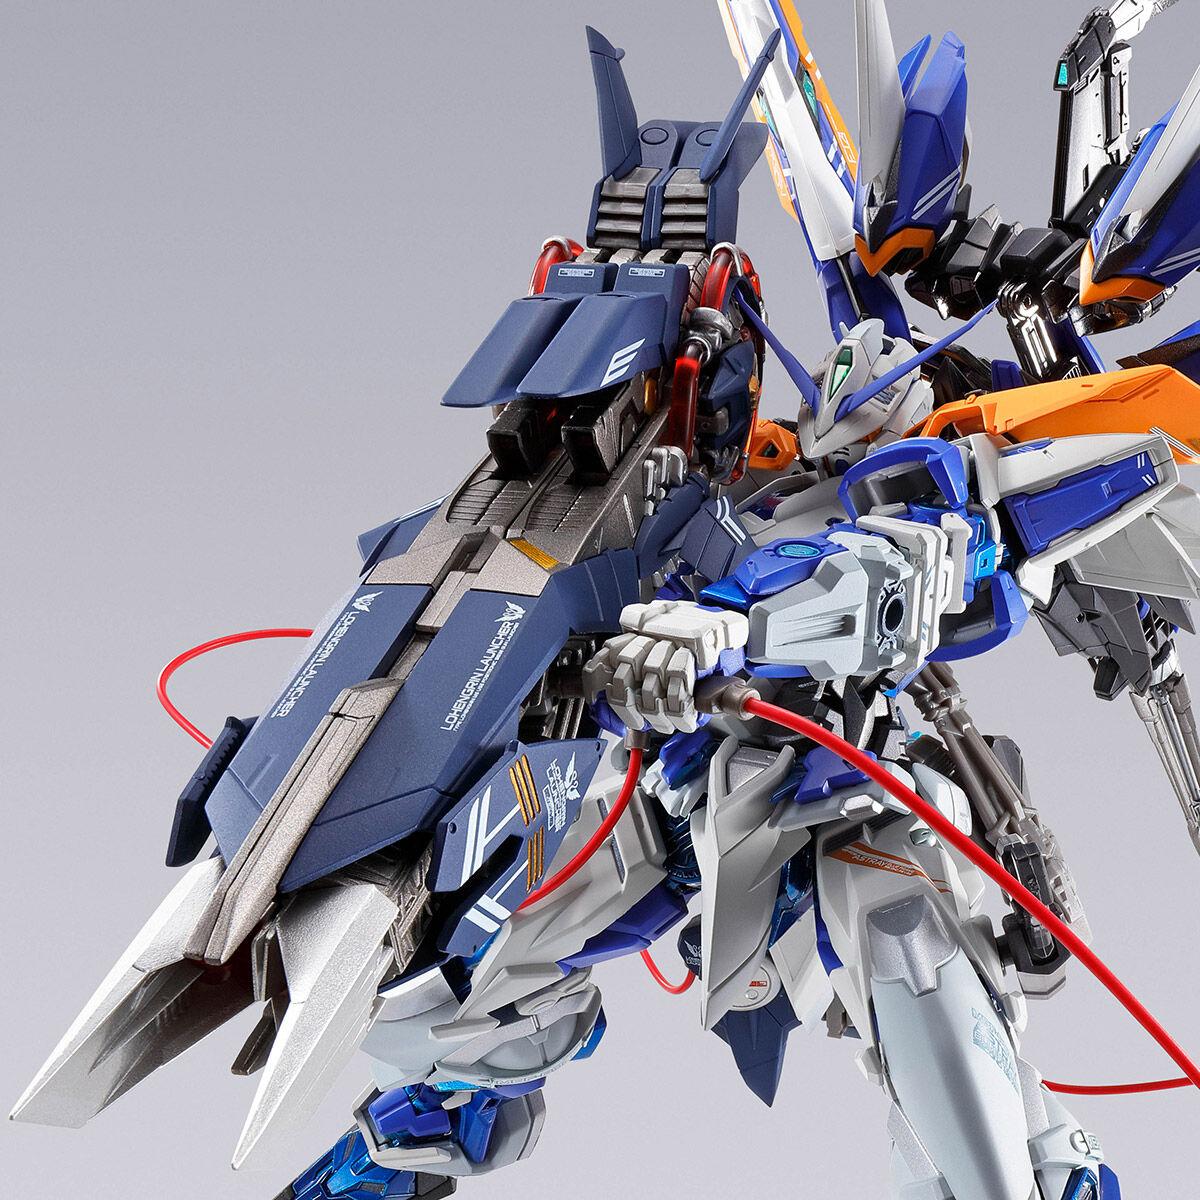 【限定販売】METAL BUILD『ローエングリンランチャー』機動戦士ガンダムSEED ASTRAY 可動フィギュア-001